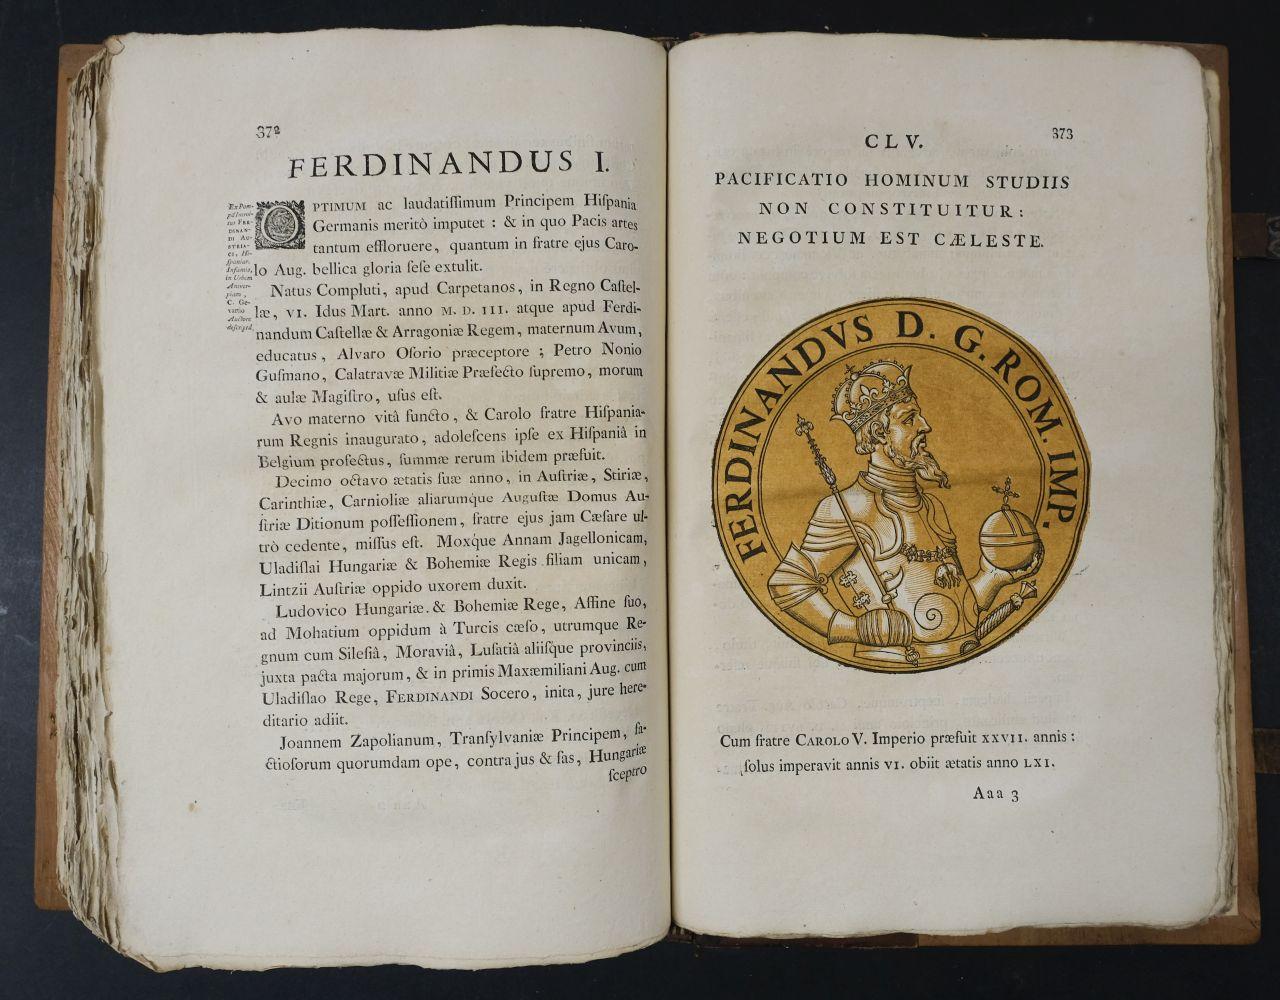 Goltzius (Hubert). Icones Imperatorum Romanorum, 1708 - Image 12 of 13